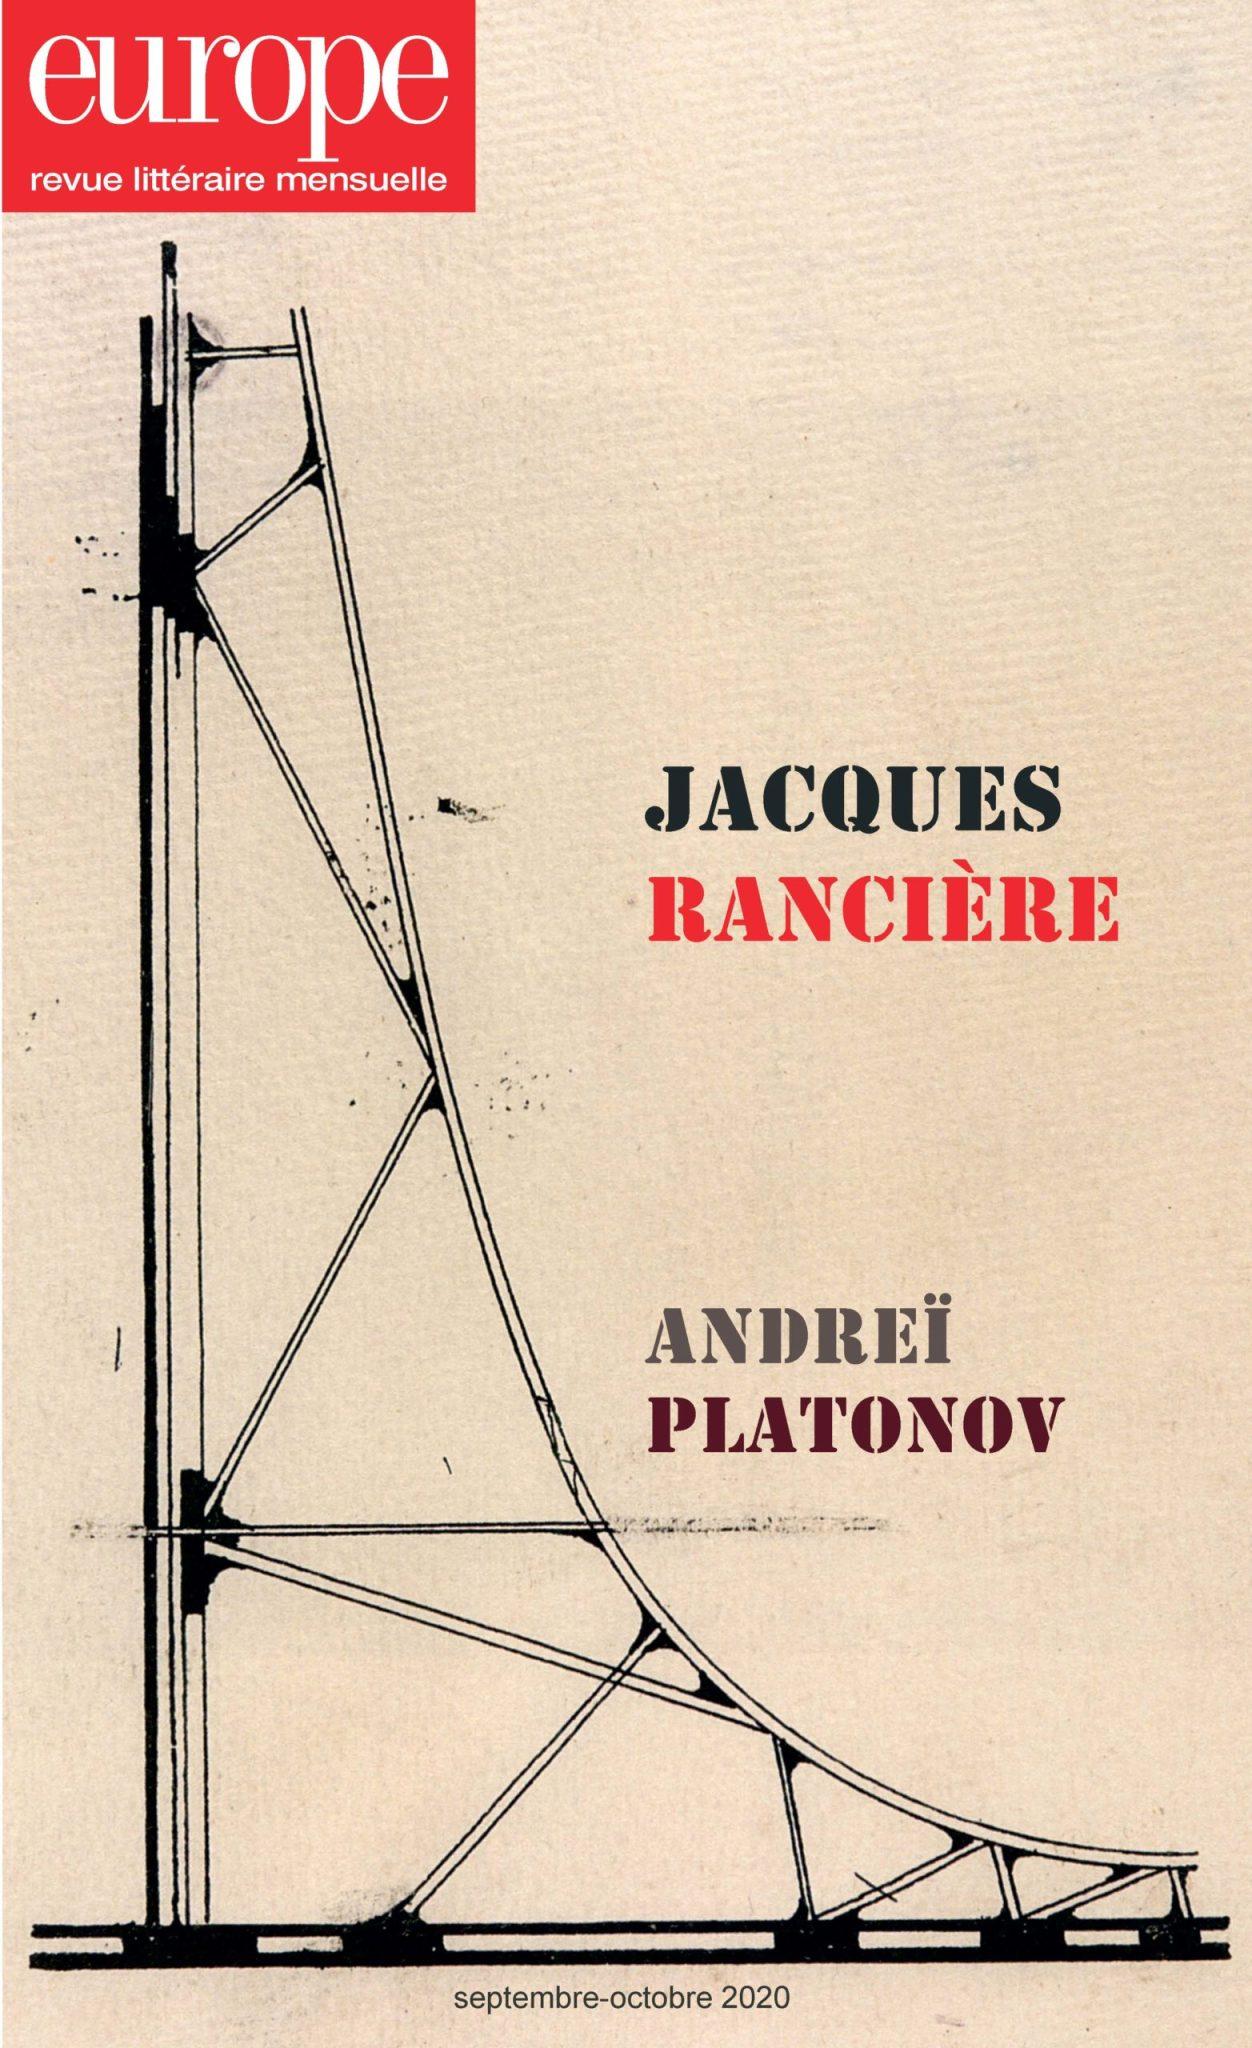 Europe, n° 1097-1098 : Jacques Rancière – Andreï Platonov